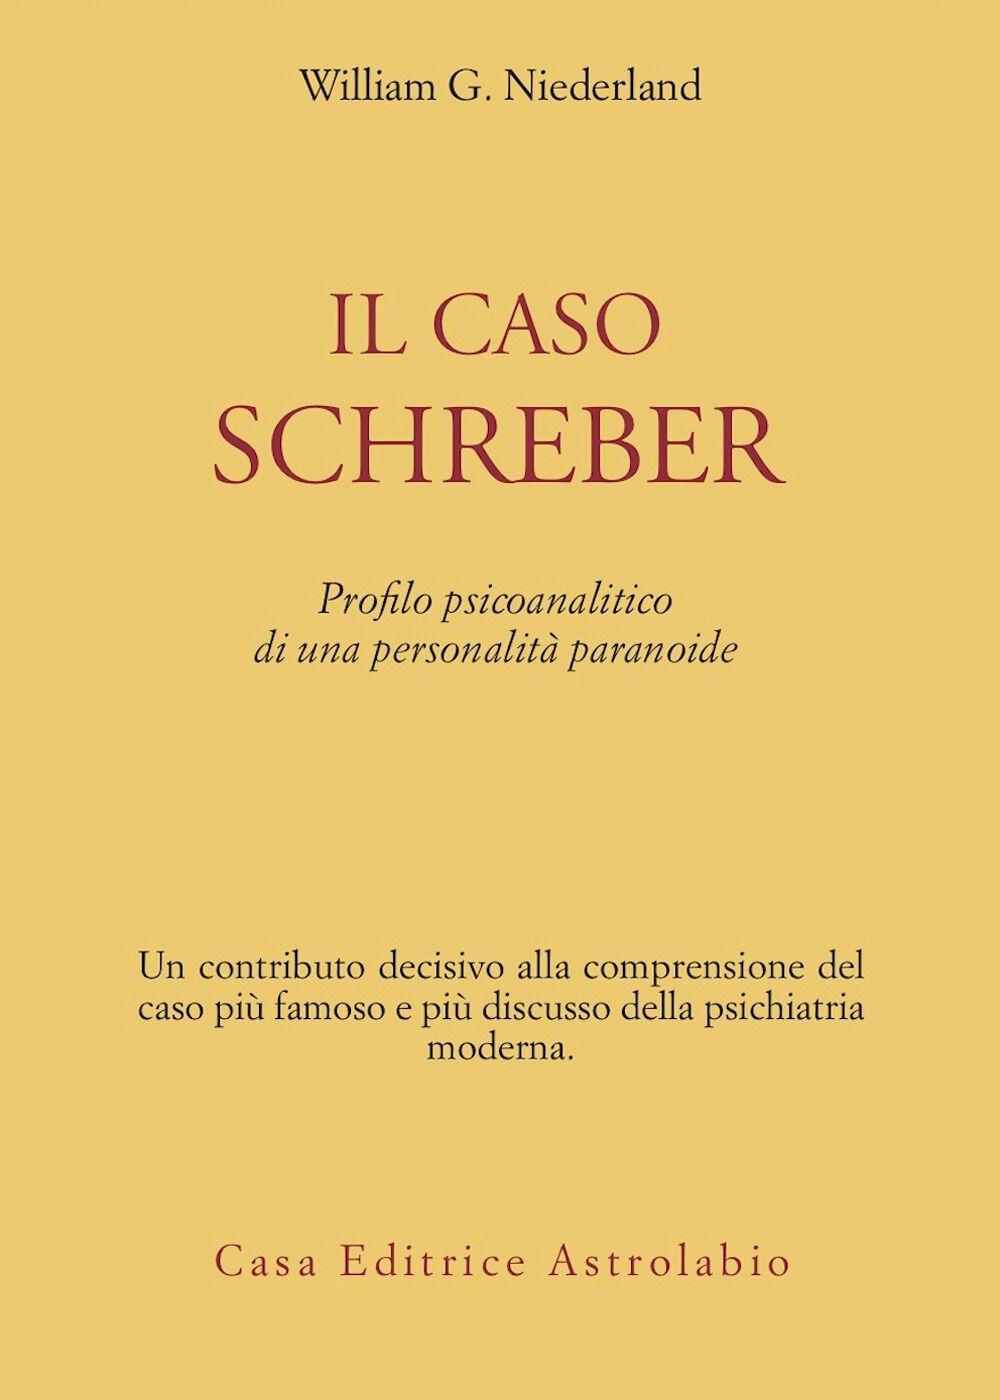 Il caso Schreber. Profilo psicoanalitico di una personalità paranoide